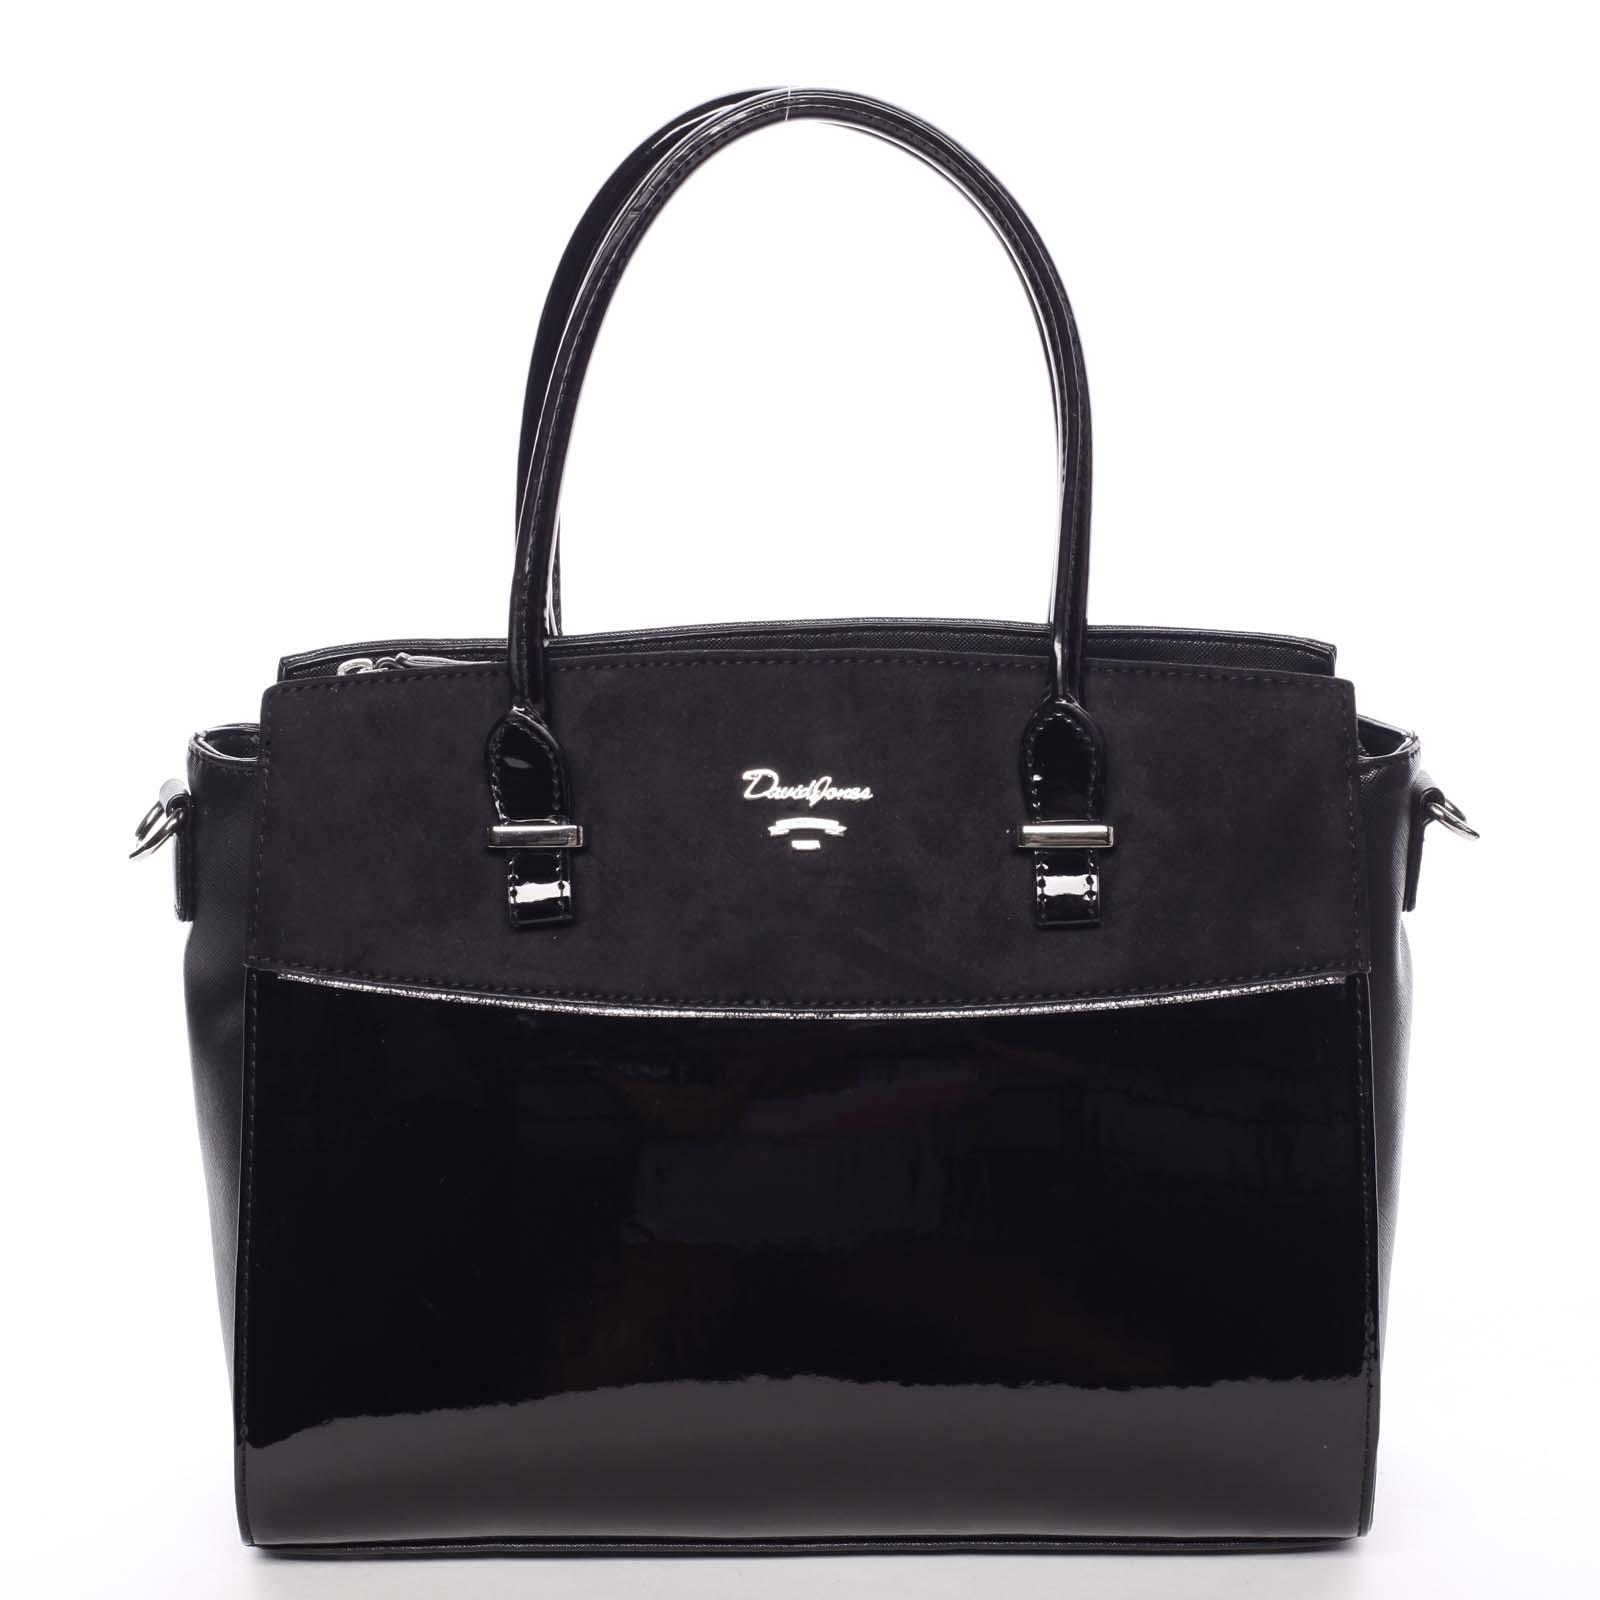 Nadčasová středně velká dámská černá kabelka - David Jones Leonelle